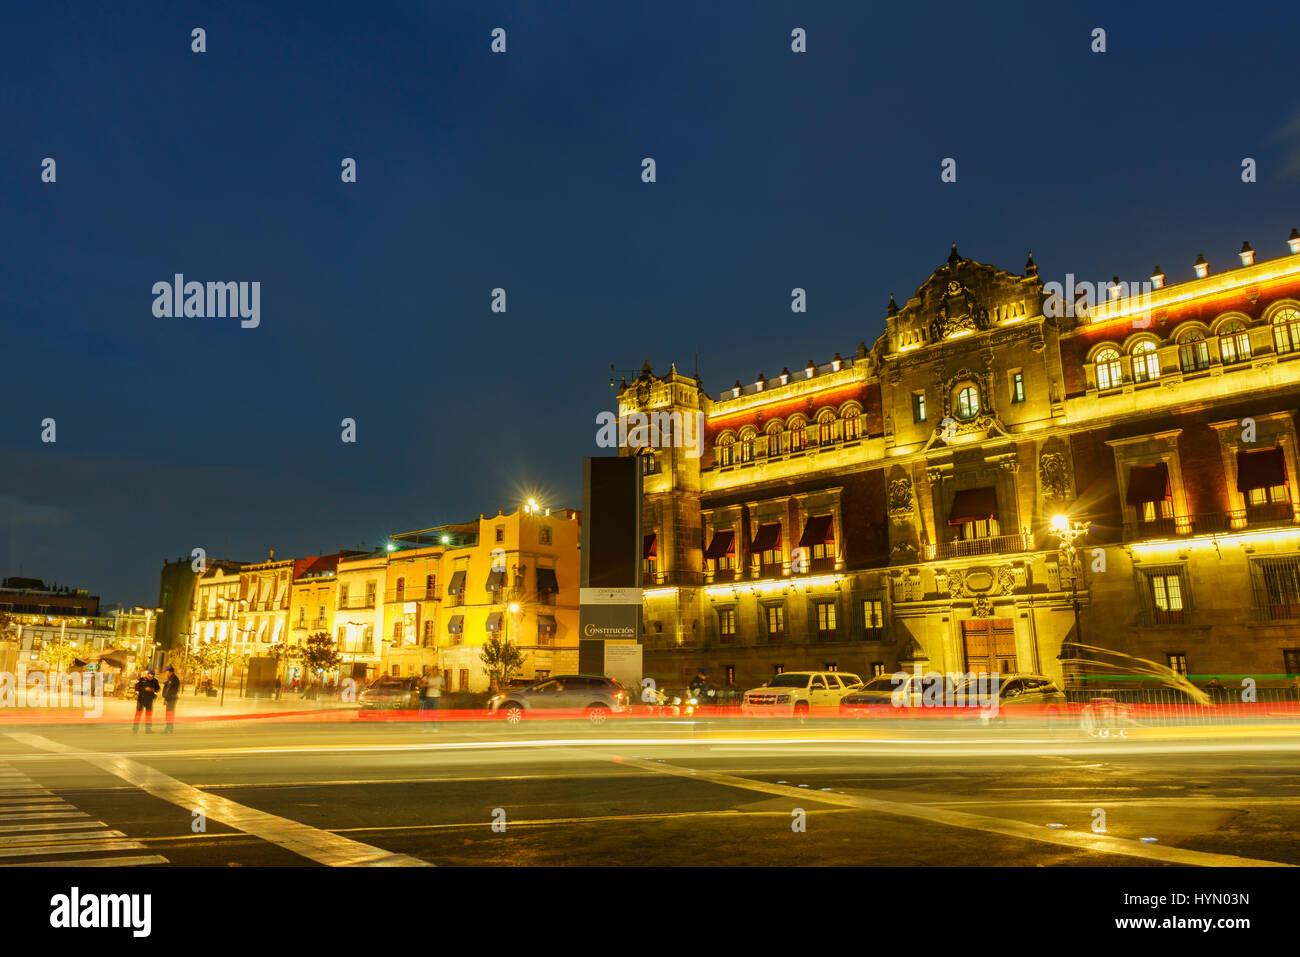 Scène de nuit de l'historique Palais National de Mexico Photo Stock